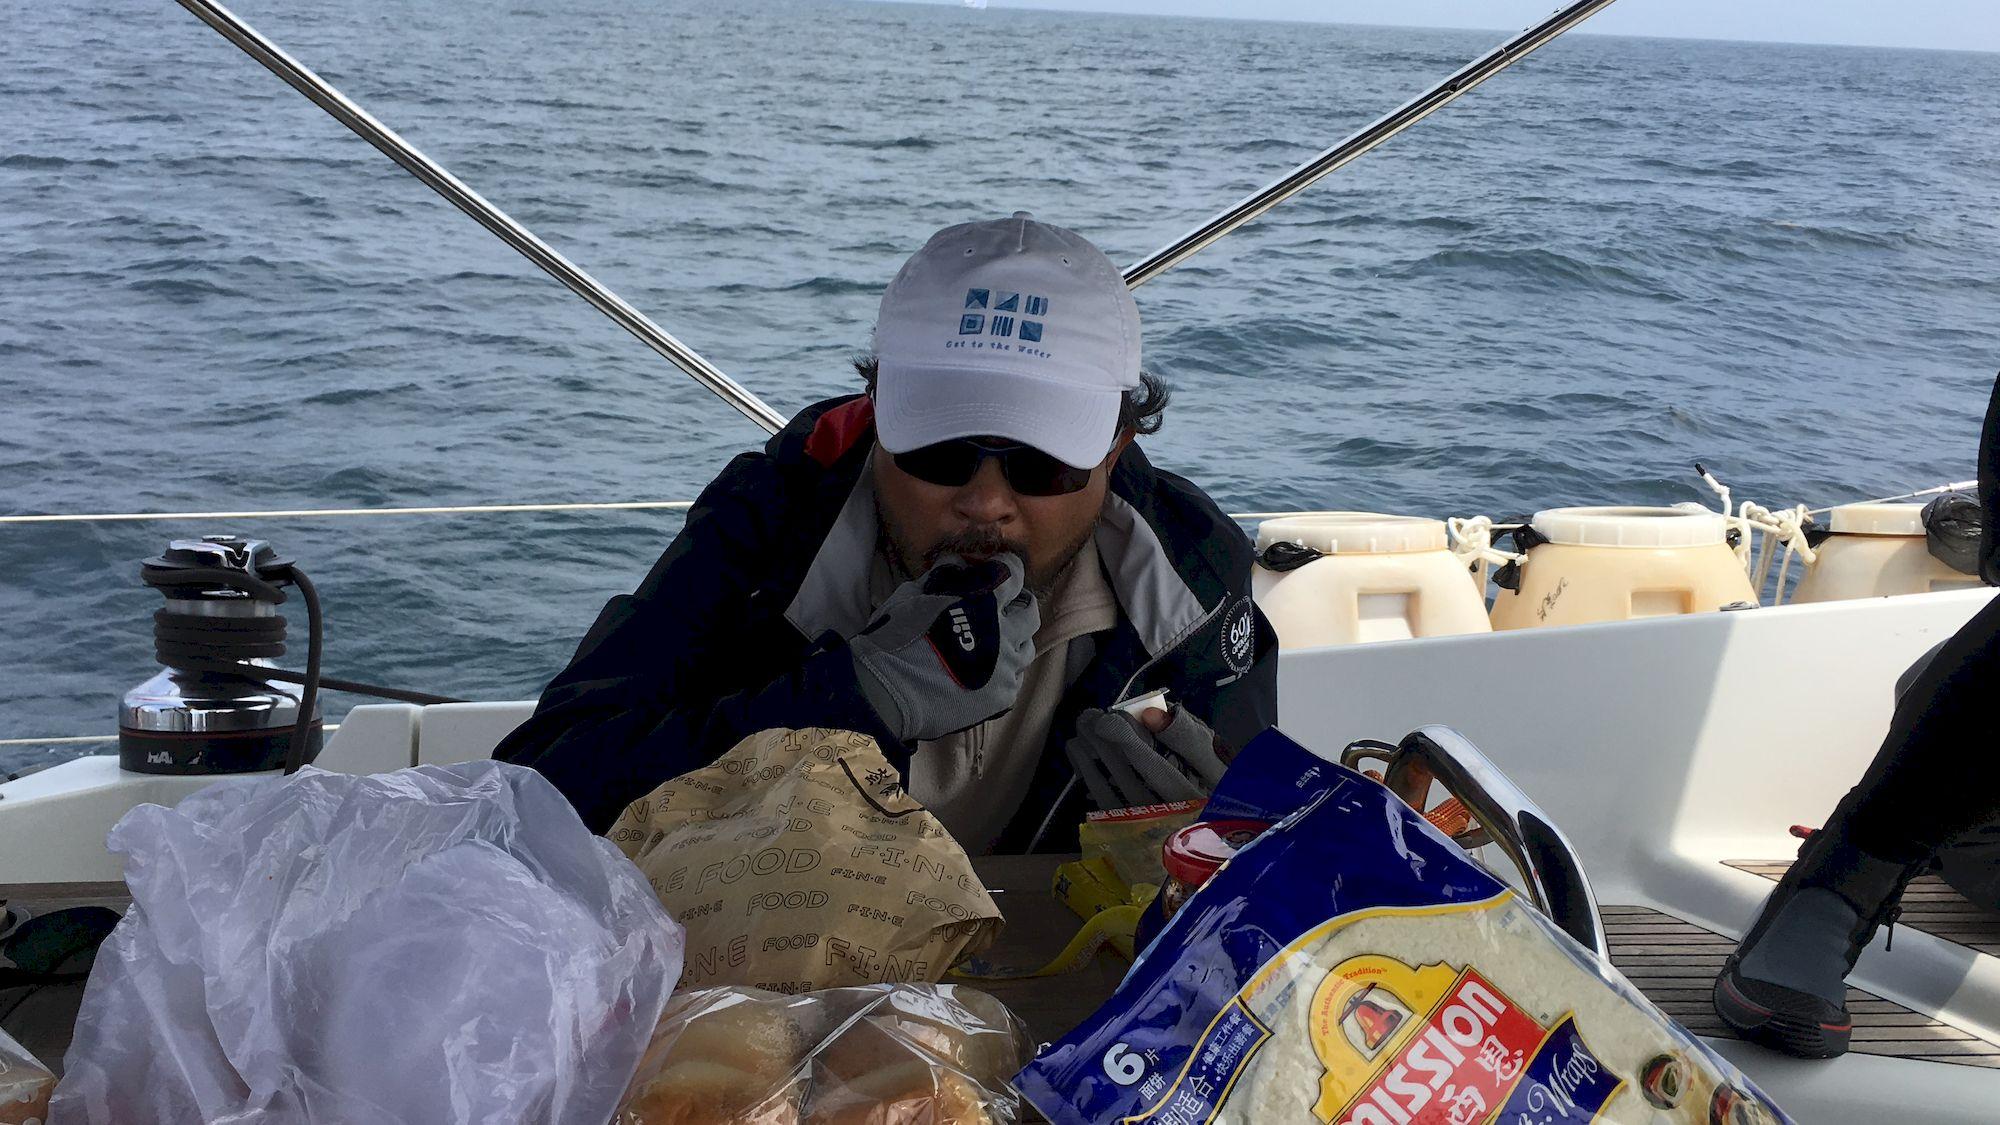 新西兰,跆拳道,俱乐部,拉力赛,青岛 向着太阳升起的地方出发:记第一次跨国远航-千航帆船-51航海网队-2016威海仁川 012c-IMG_3037_千帆俱乐部我要航海网帆船队-2016威海-仁川国际帆船赛.JPG